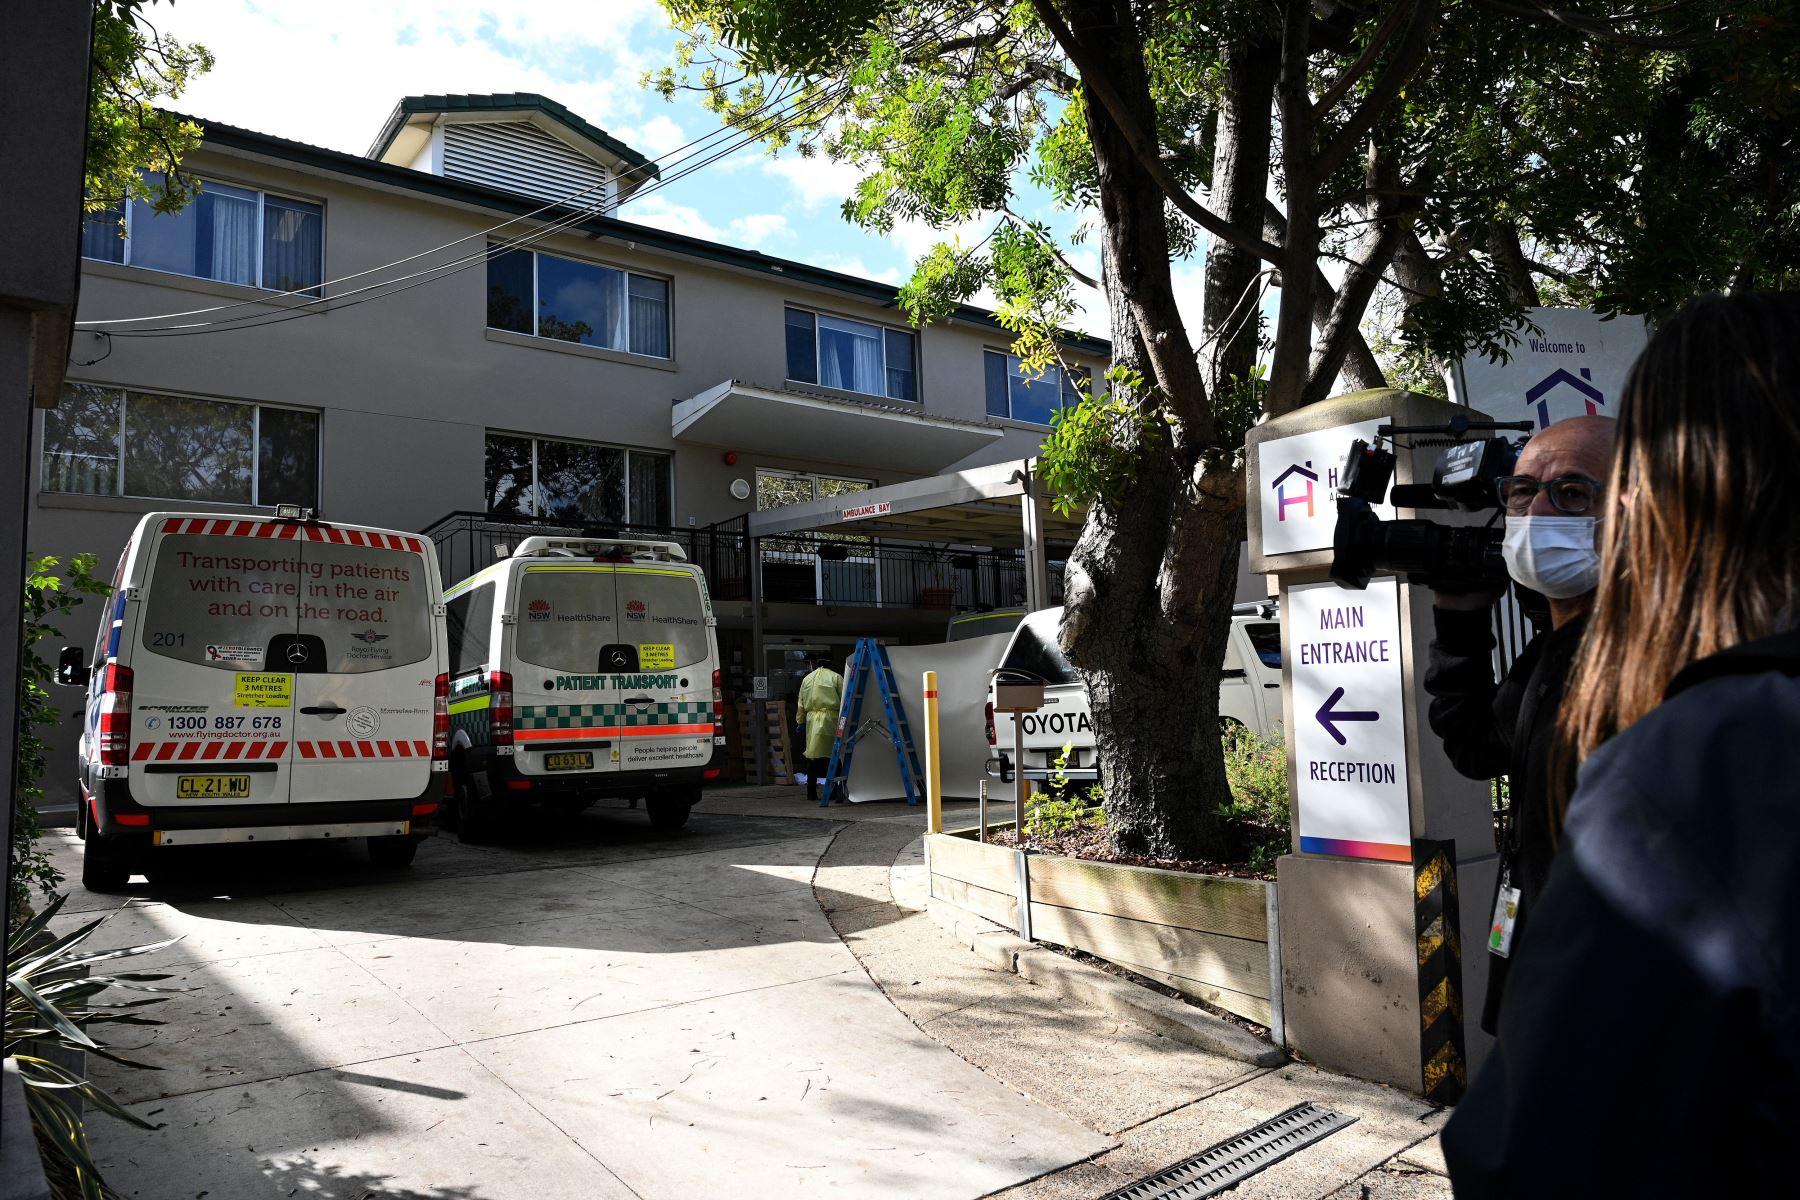 Ambulancias estacionadas en el Centro de Ancianos de Ancianos Hardi en el suburbio de Summers Hill en Sydney, después de que se informaron al menos 12 casos de infecciones por Covid-19 en la instalación.  Foto: AFP